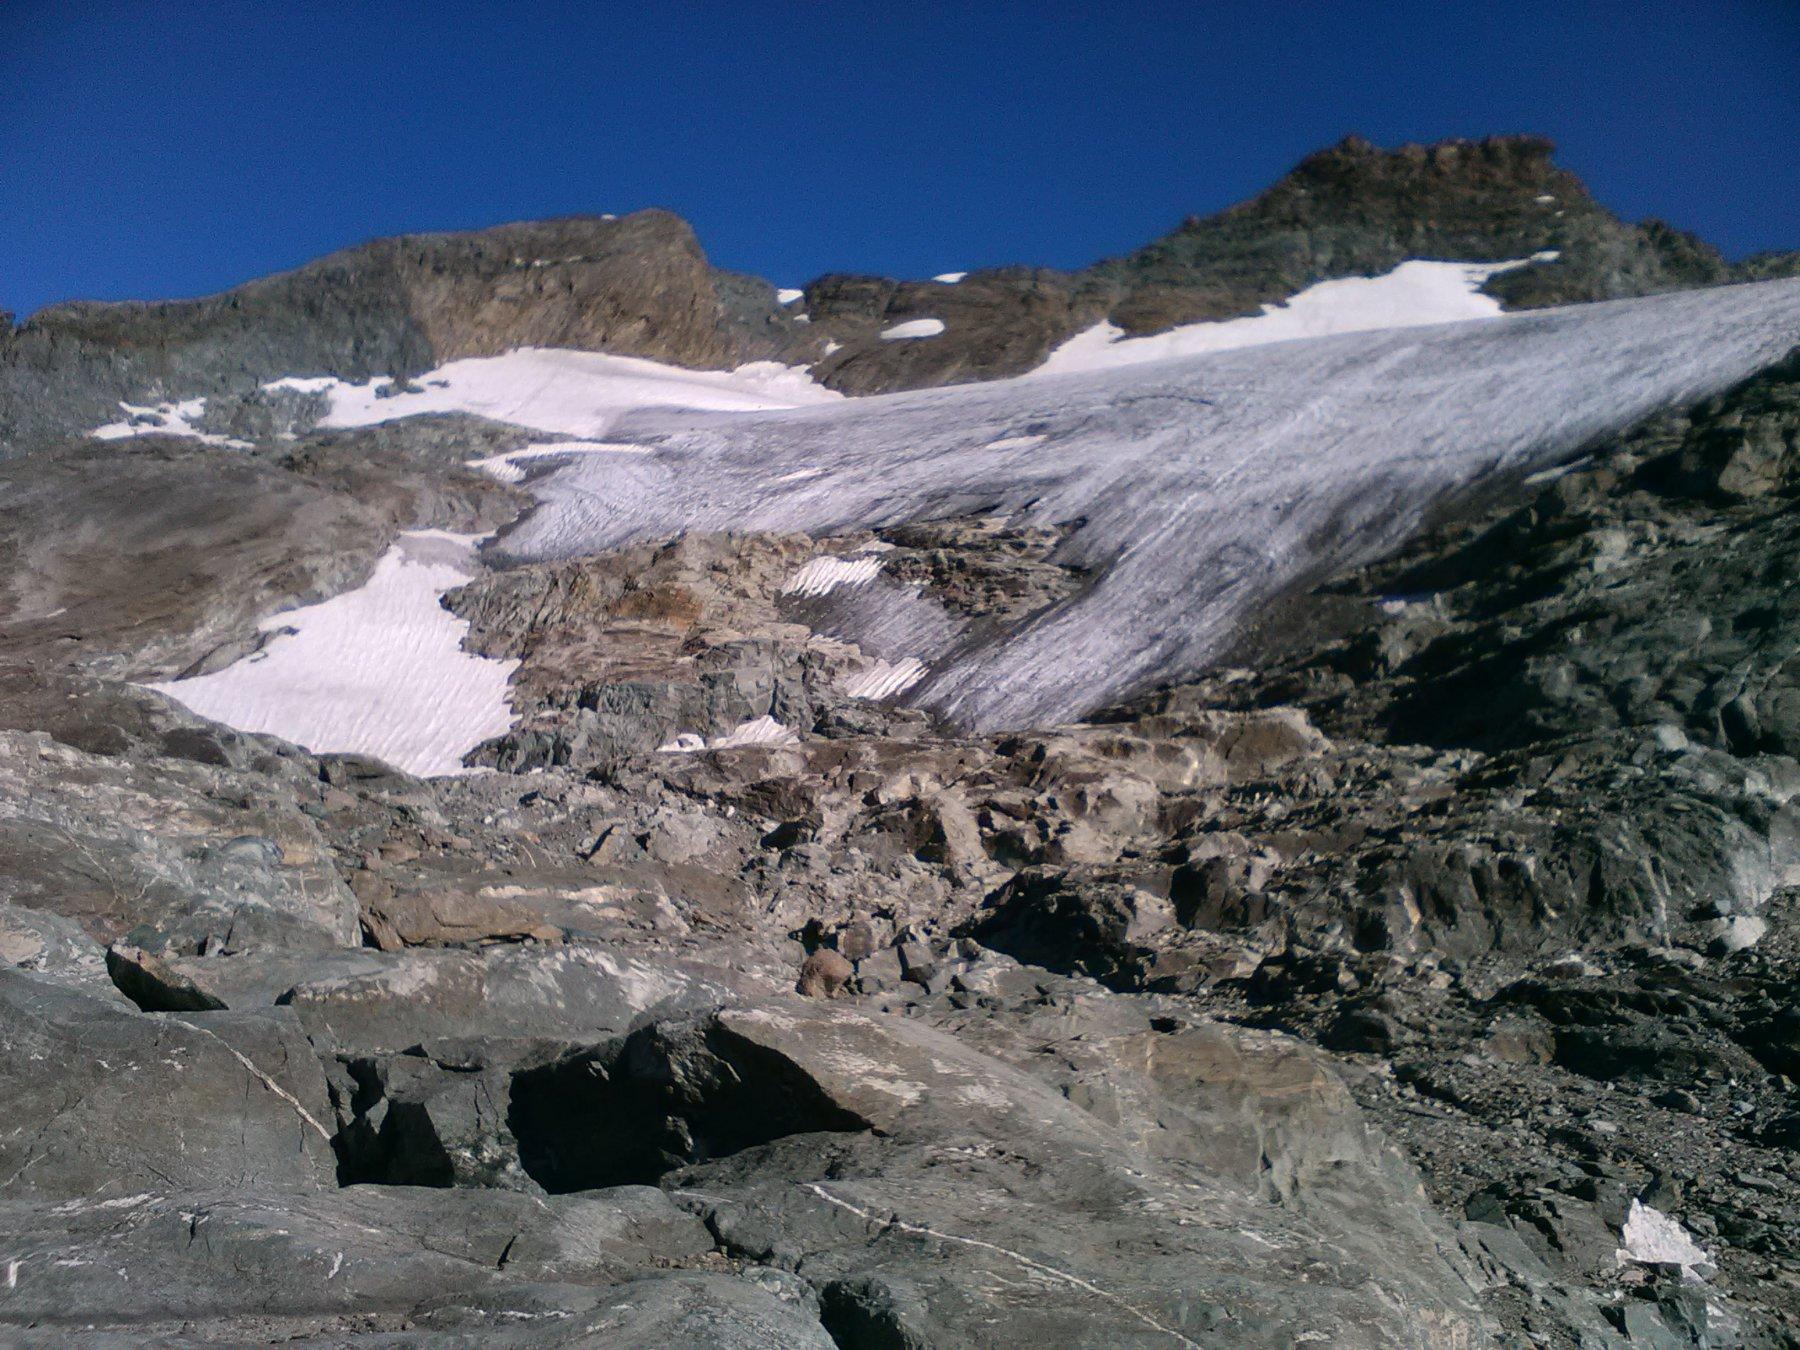 Fronte del ghiacciaio.